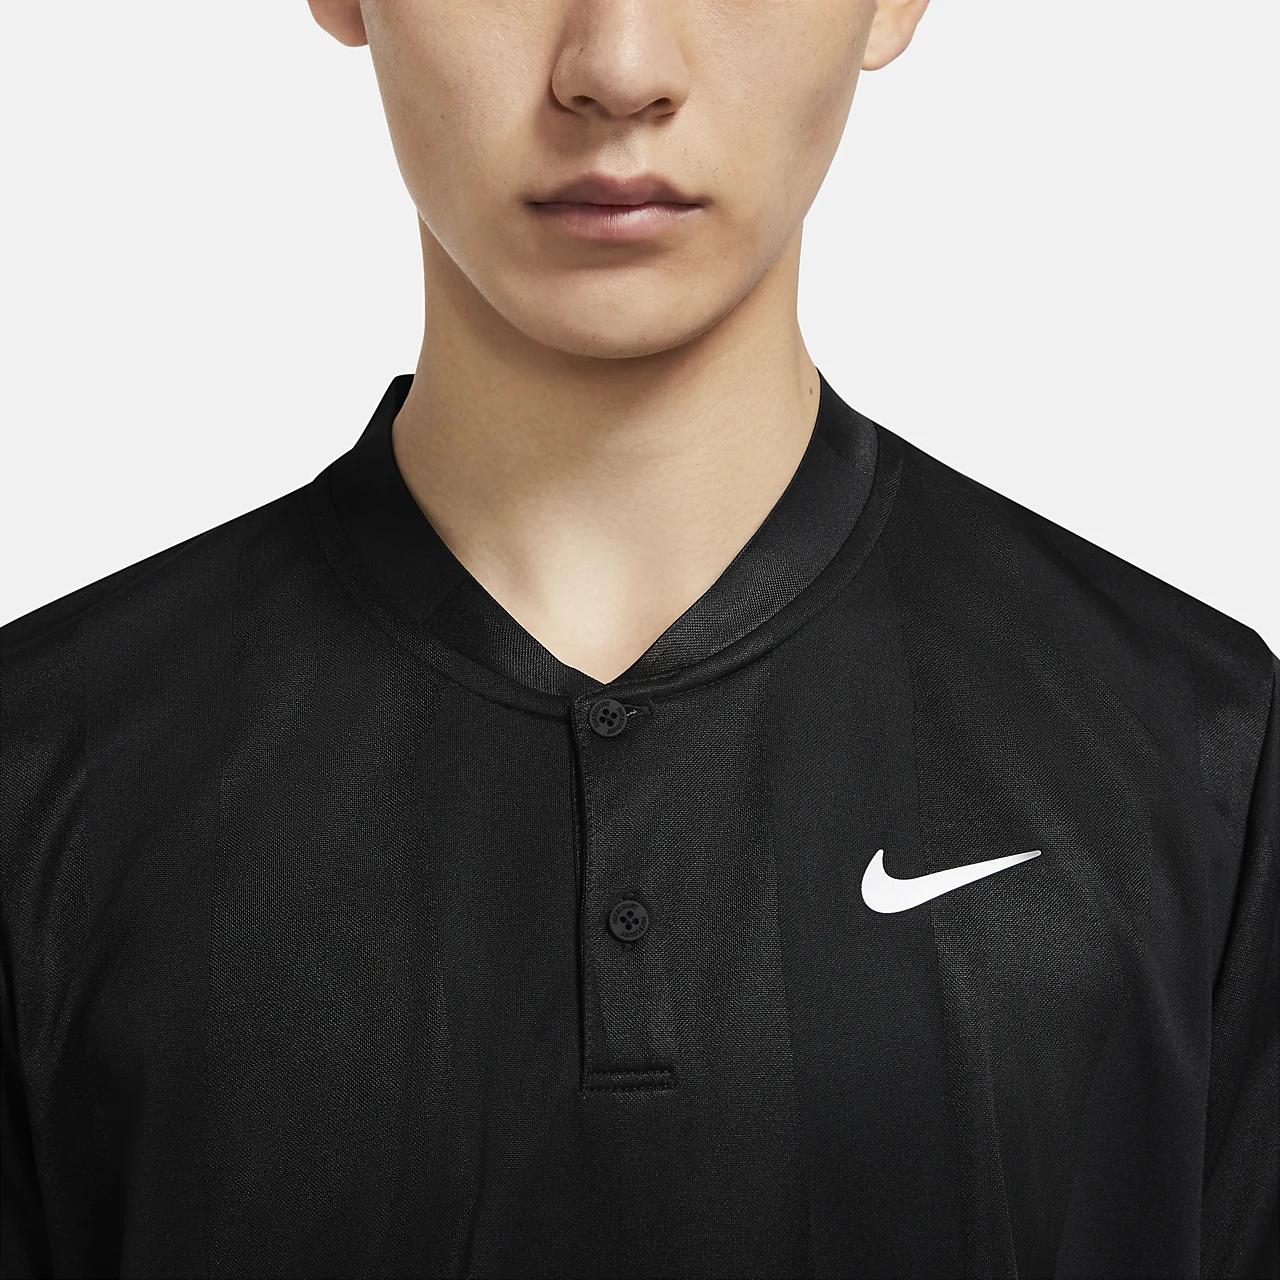 나이키 코트 드라이핏 남자 프린트 테니스 폴로 CK9791-010